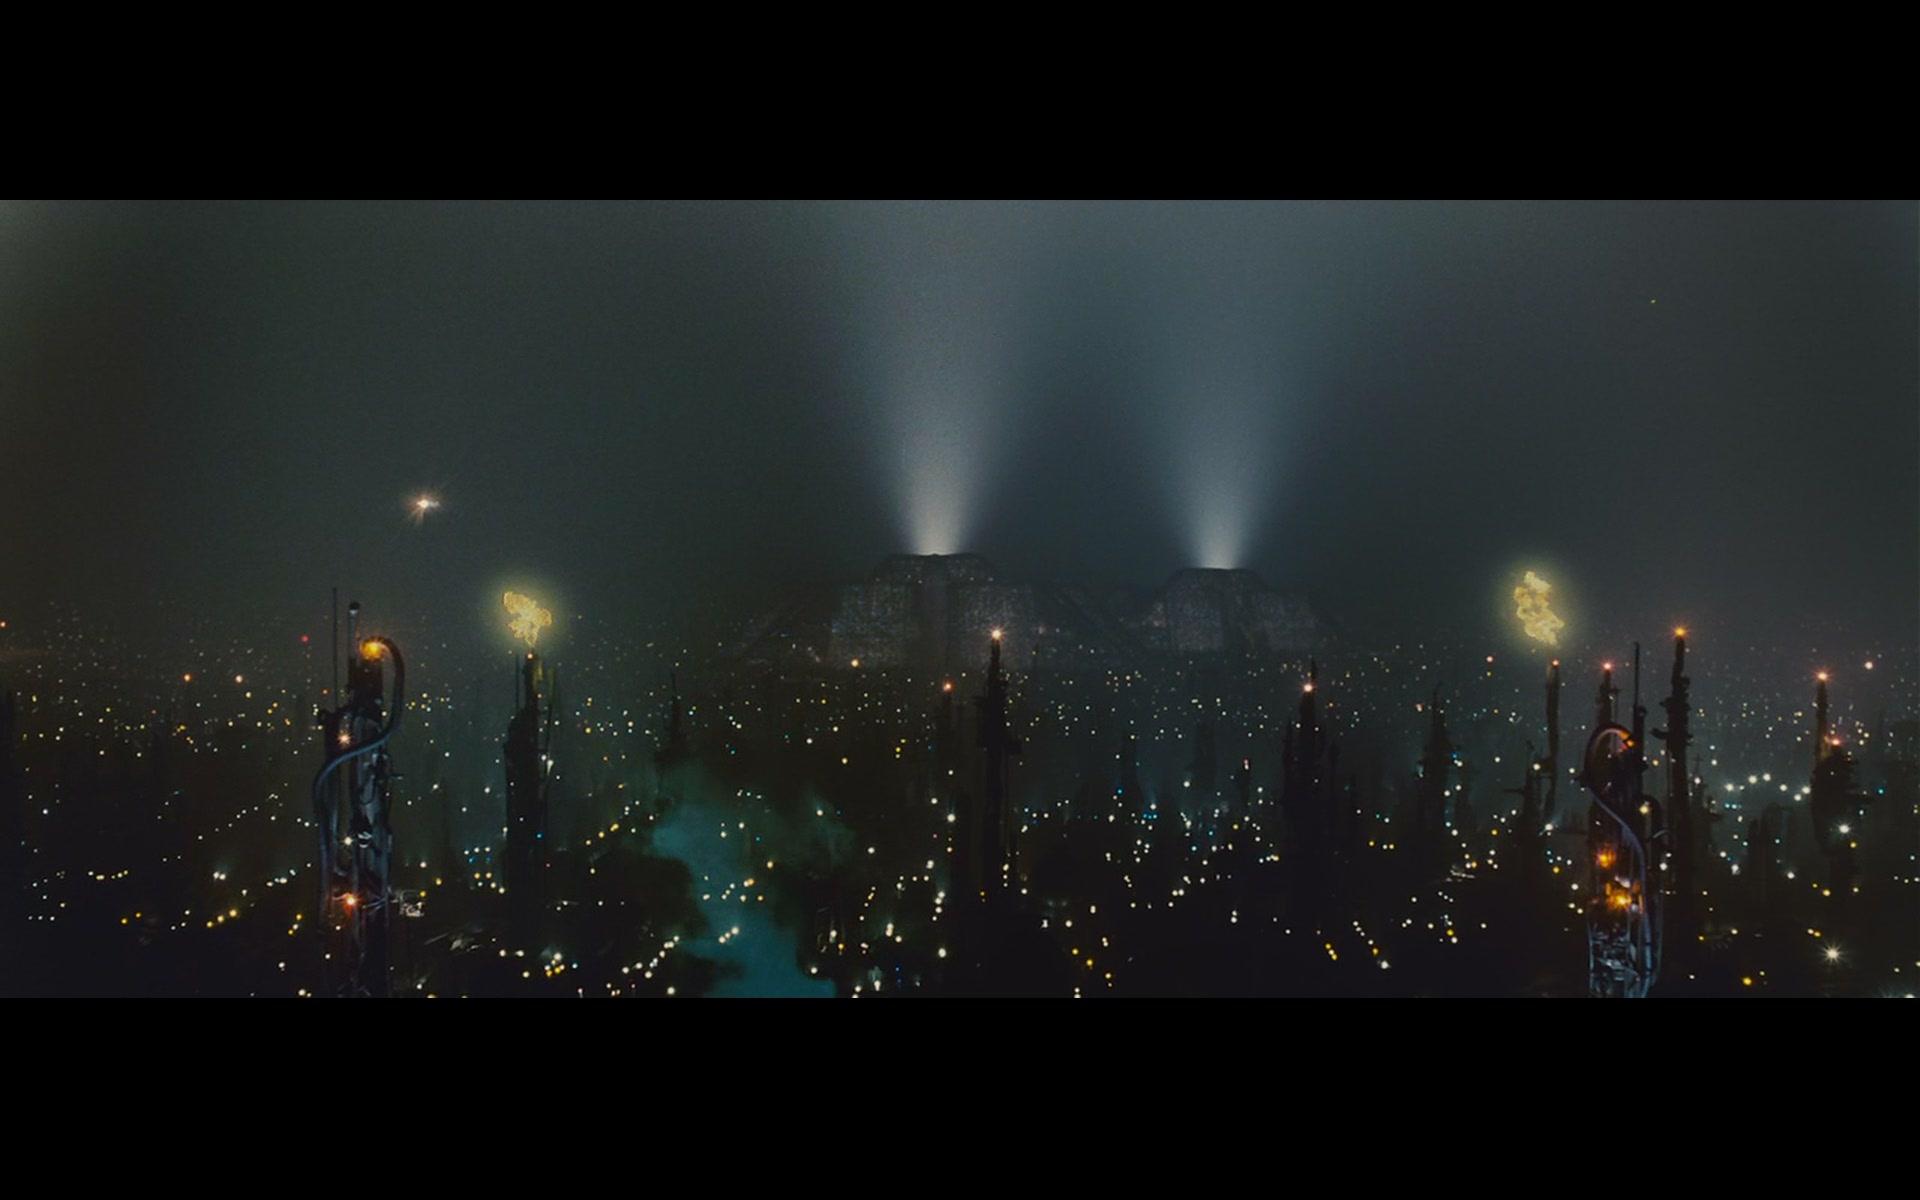 Hd Tractor Desktop Wallpapers: Blade Runner HD Wallpaper